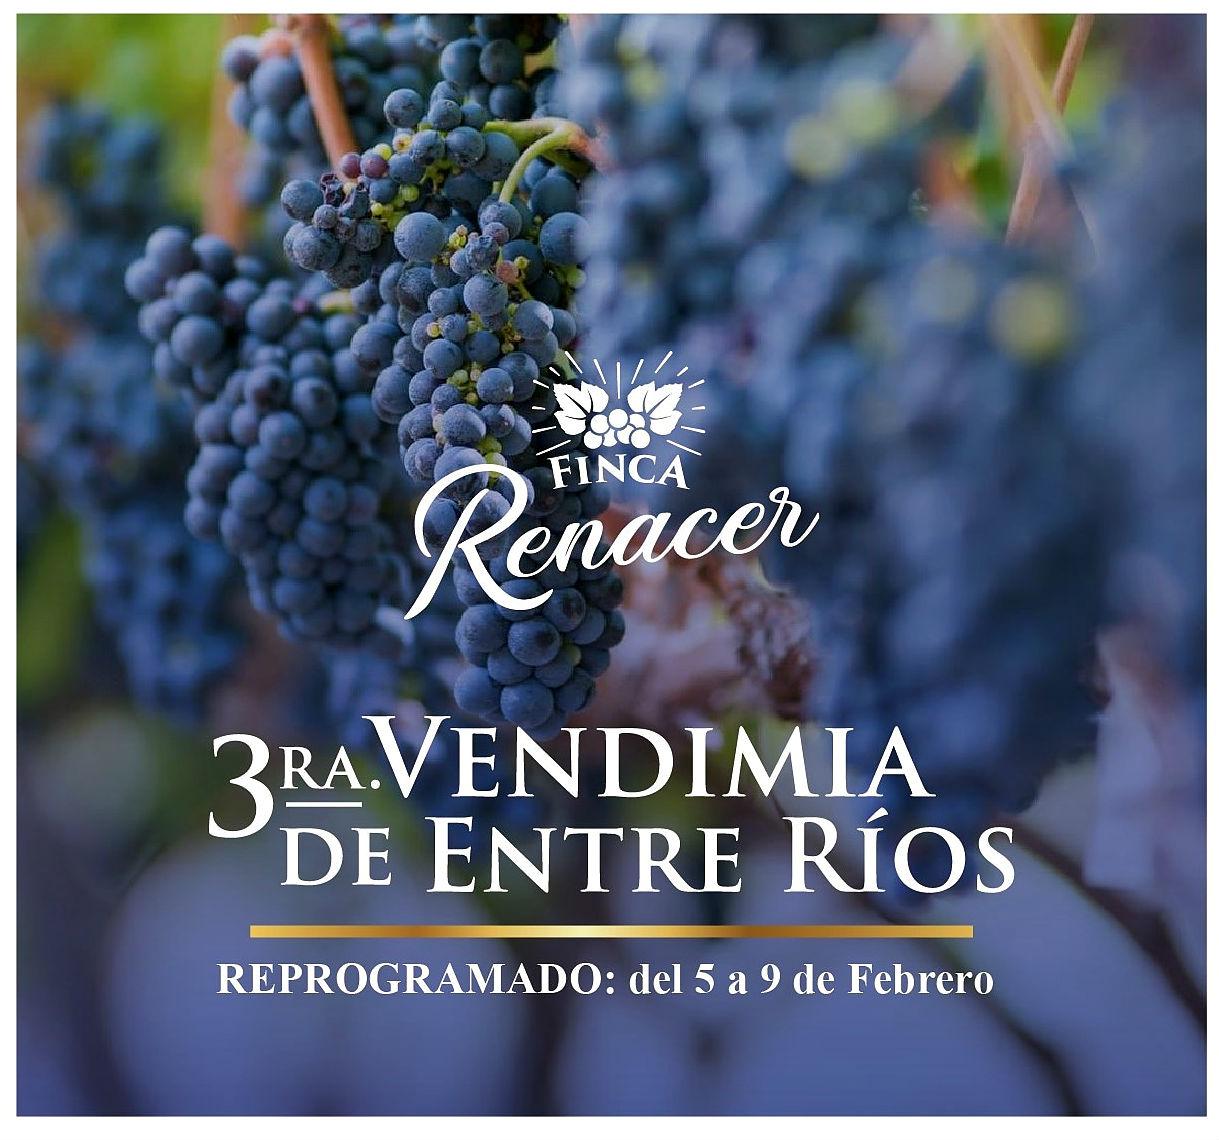 La propuesta enoturística de Finca Renacer, en La Criolla.